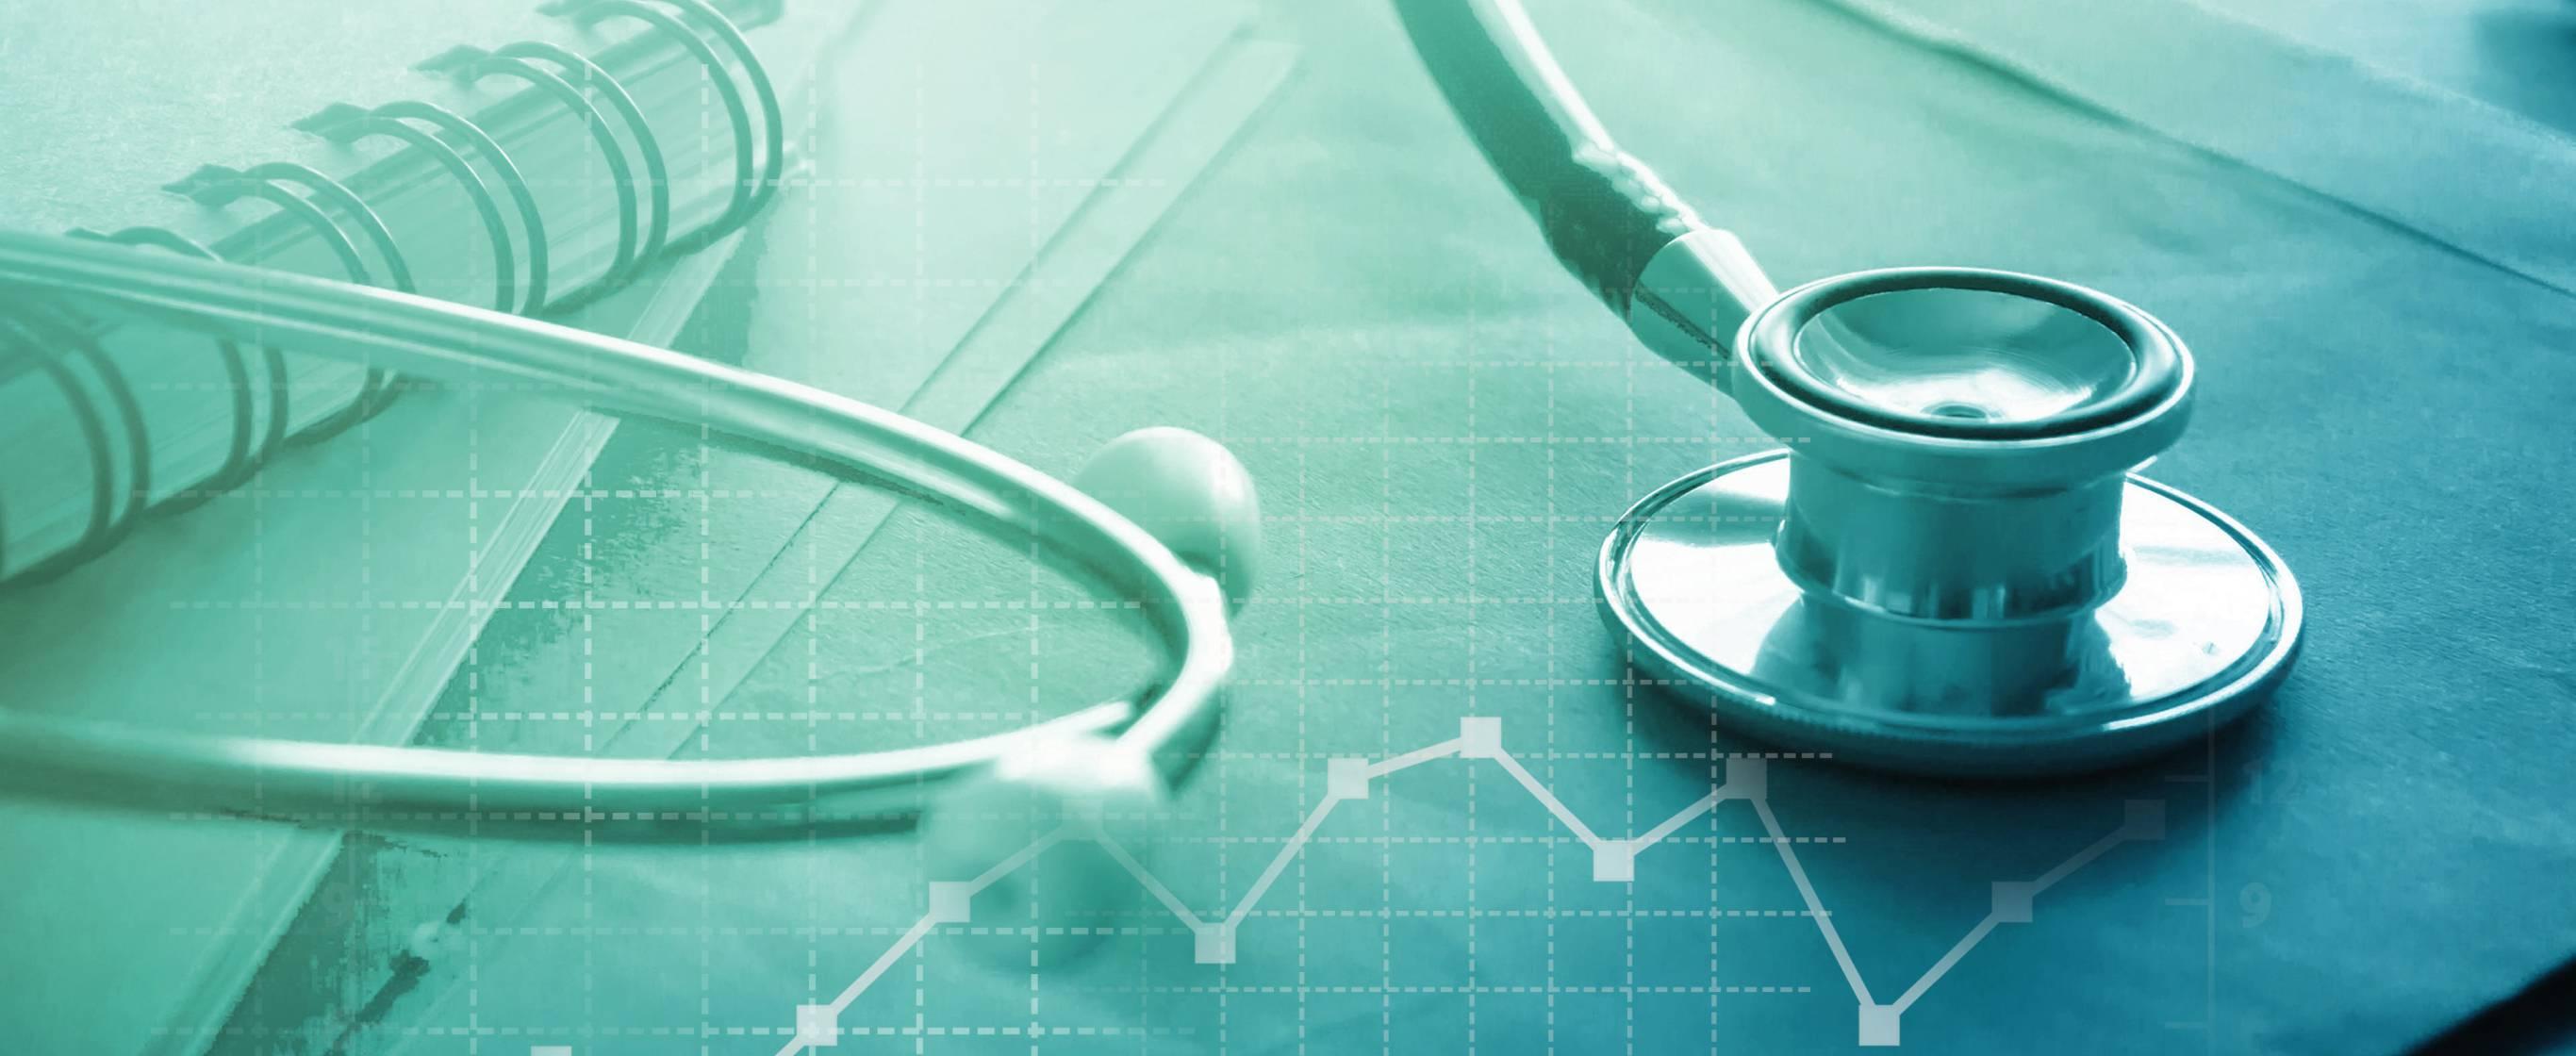 5 yếu tố xã hội tác động đến sức khỏe mà ít ai biết | Prudential Việt Nam